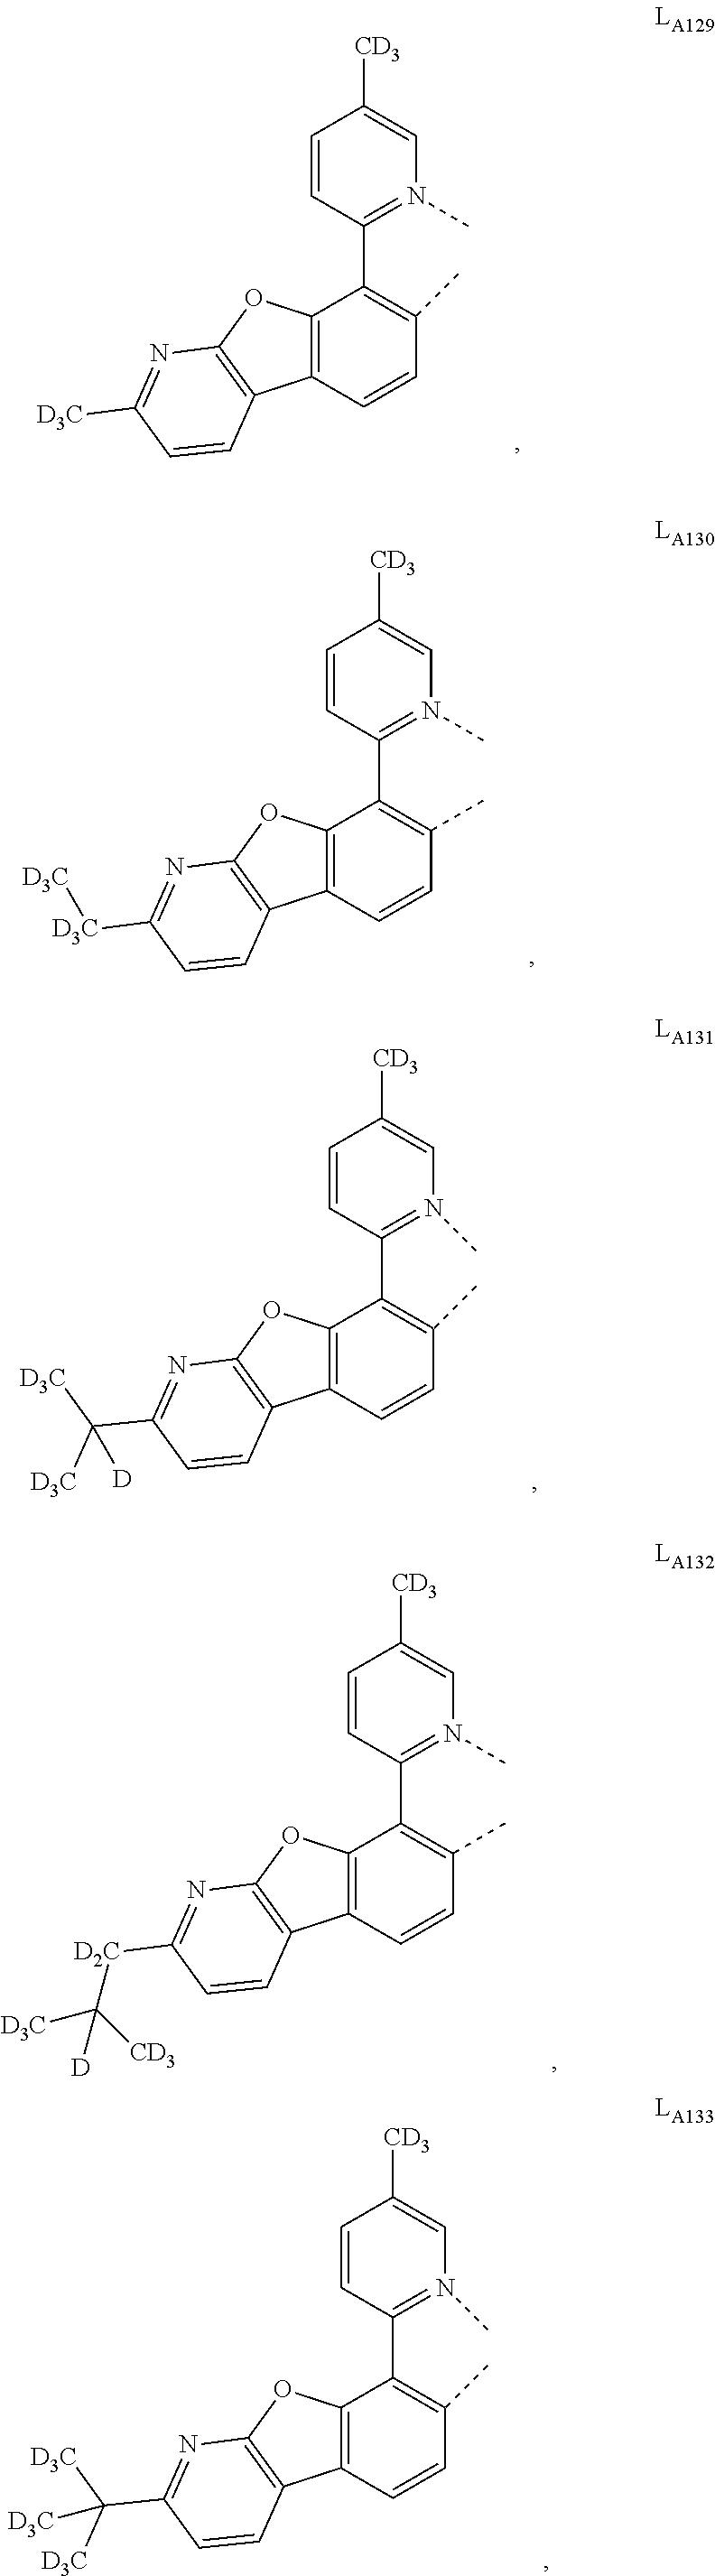 Figure US20160049599A1-20160218-C00426